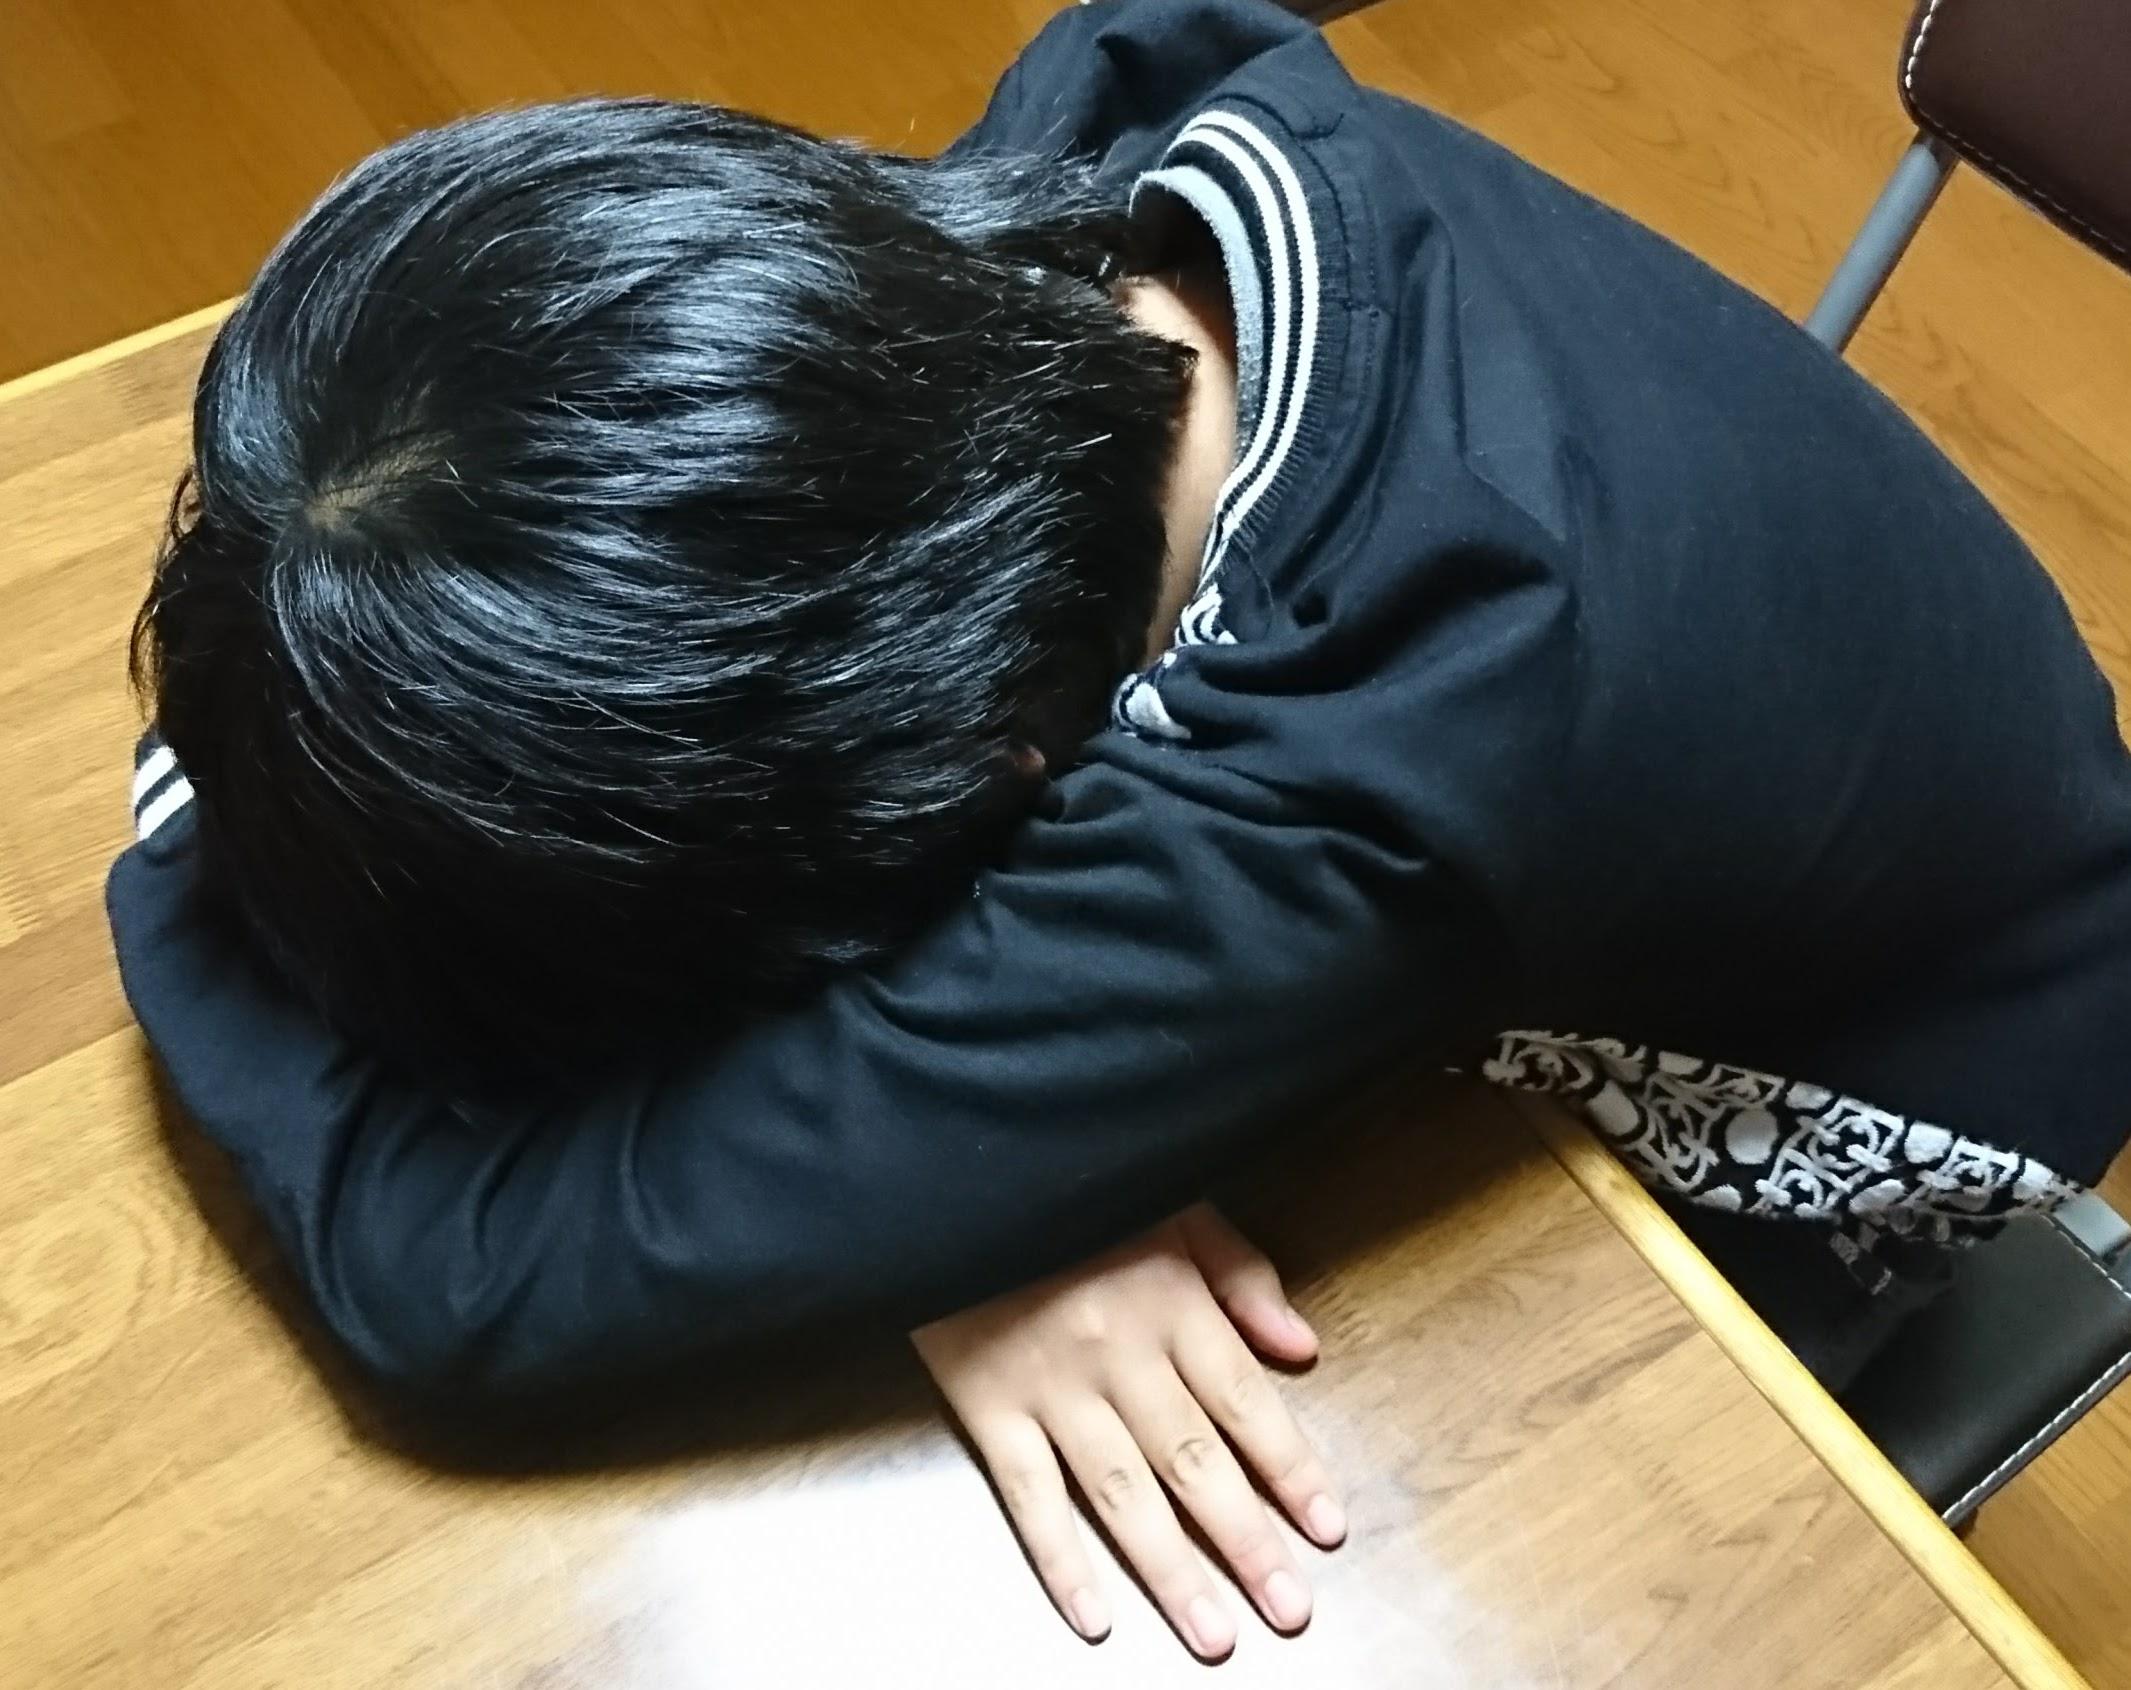 今、小学生で不登校になる子供が増えている。